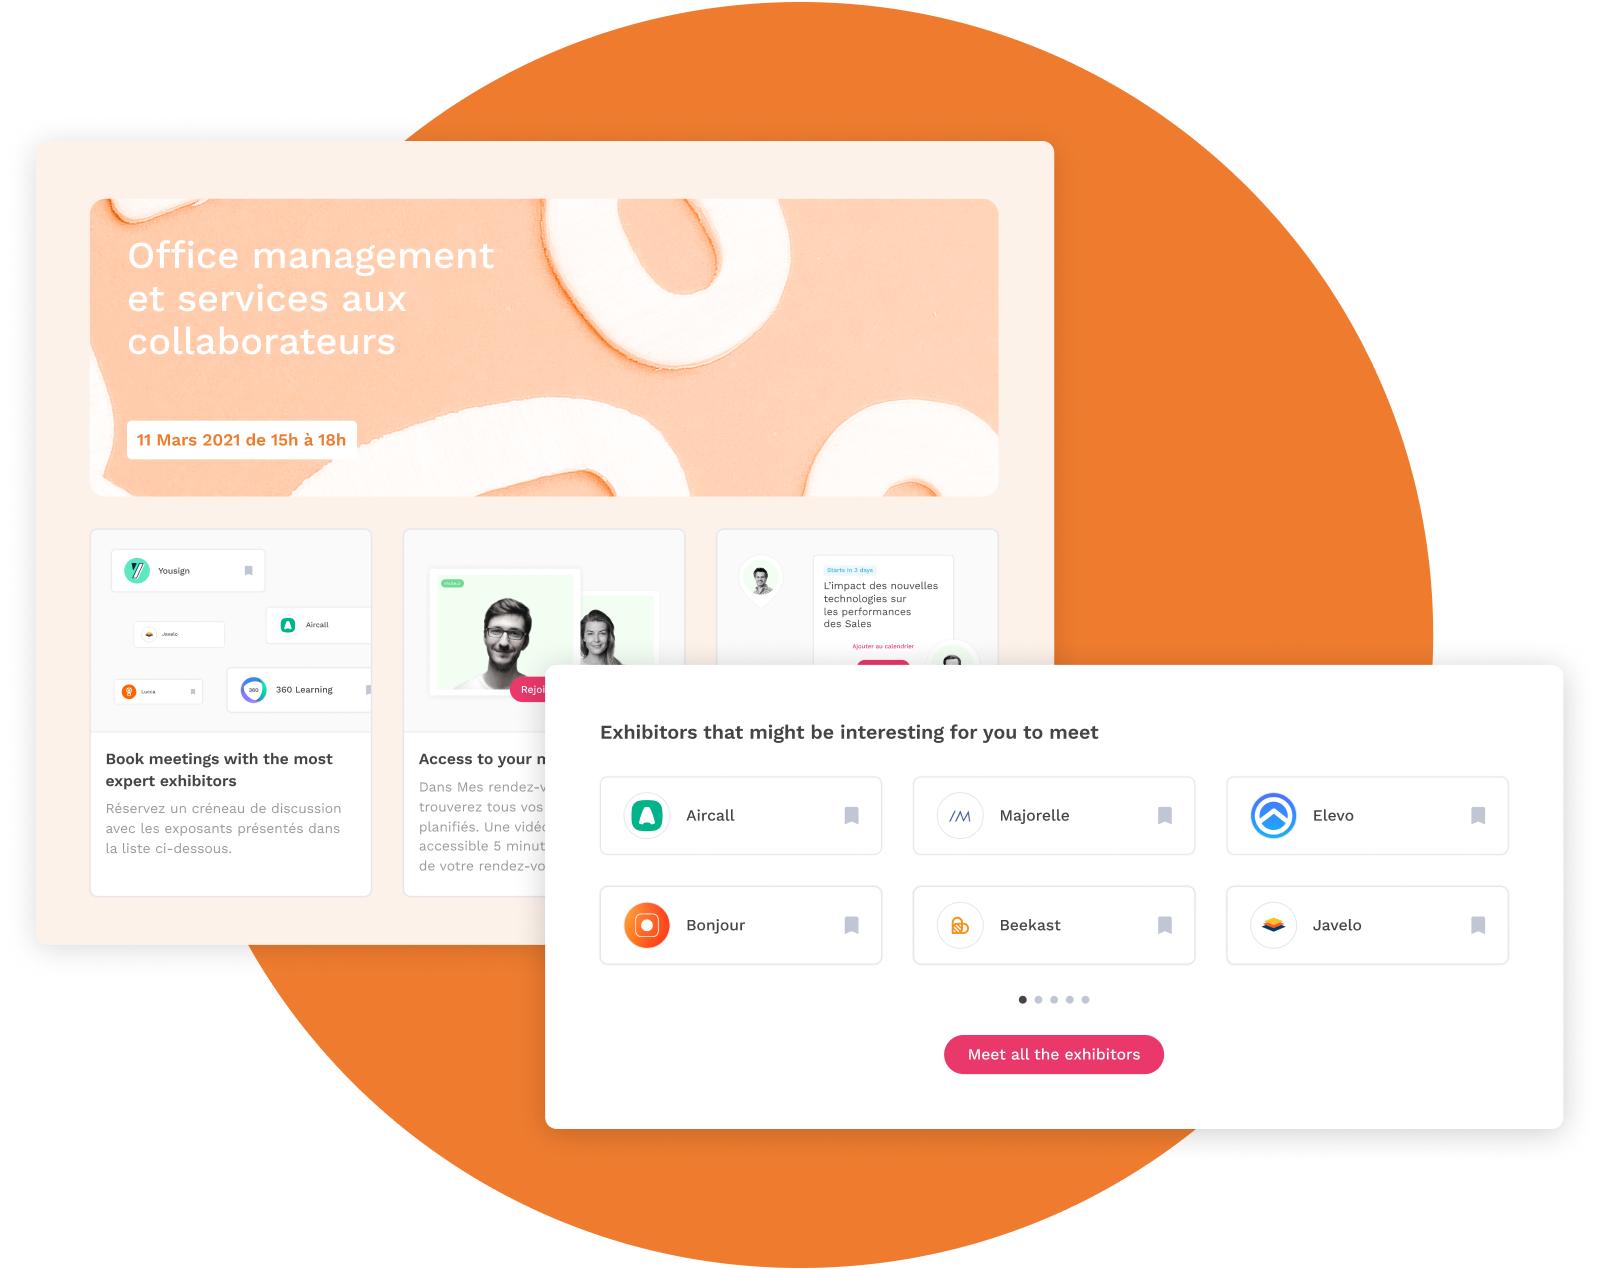 salon_office_management_askeet